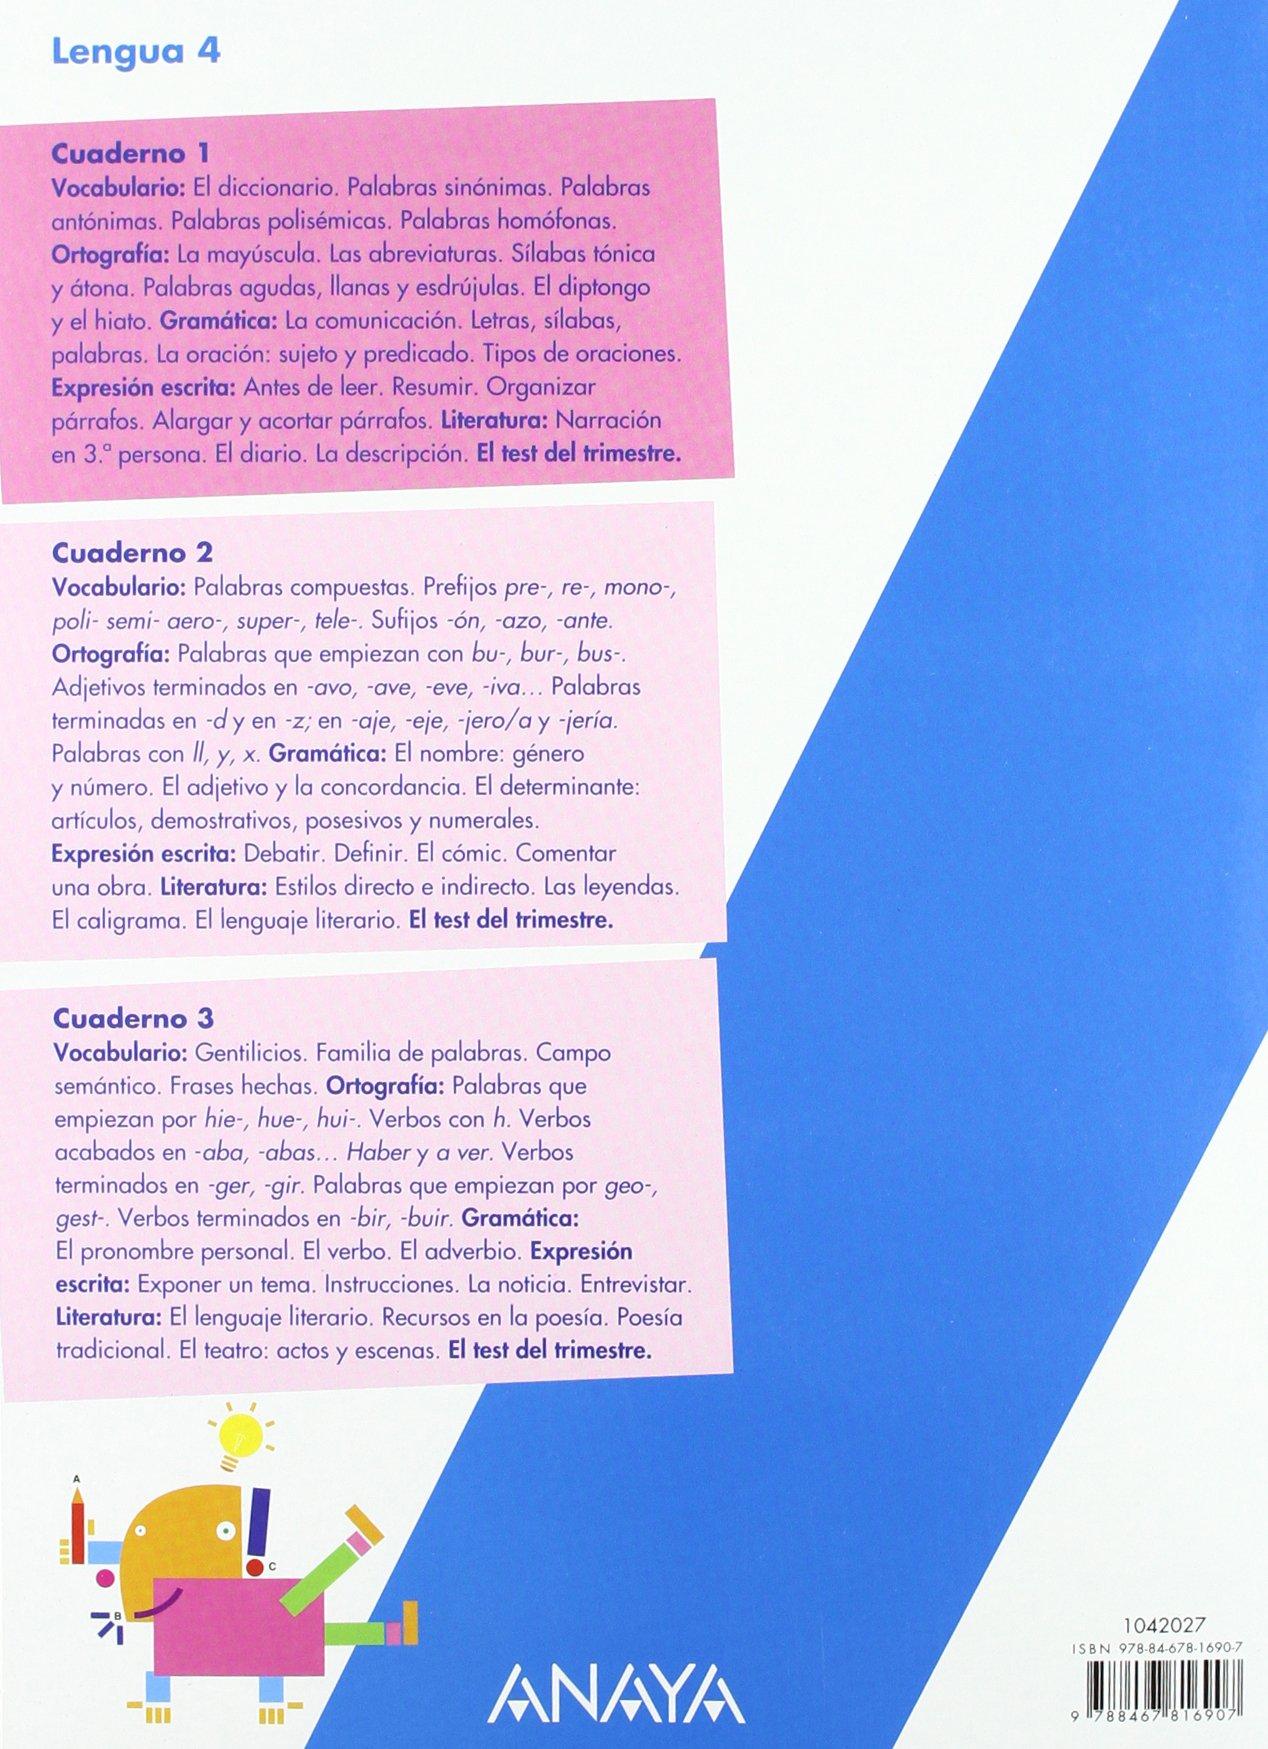 Lengua 4. Cuaderno 1. (En línea): Amazon.es: Lorena Esmorís Galán, Sarah Martín López: Libros